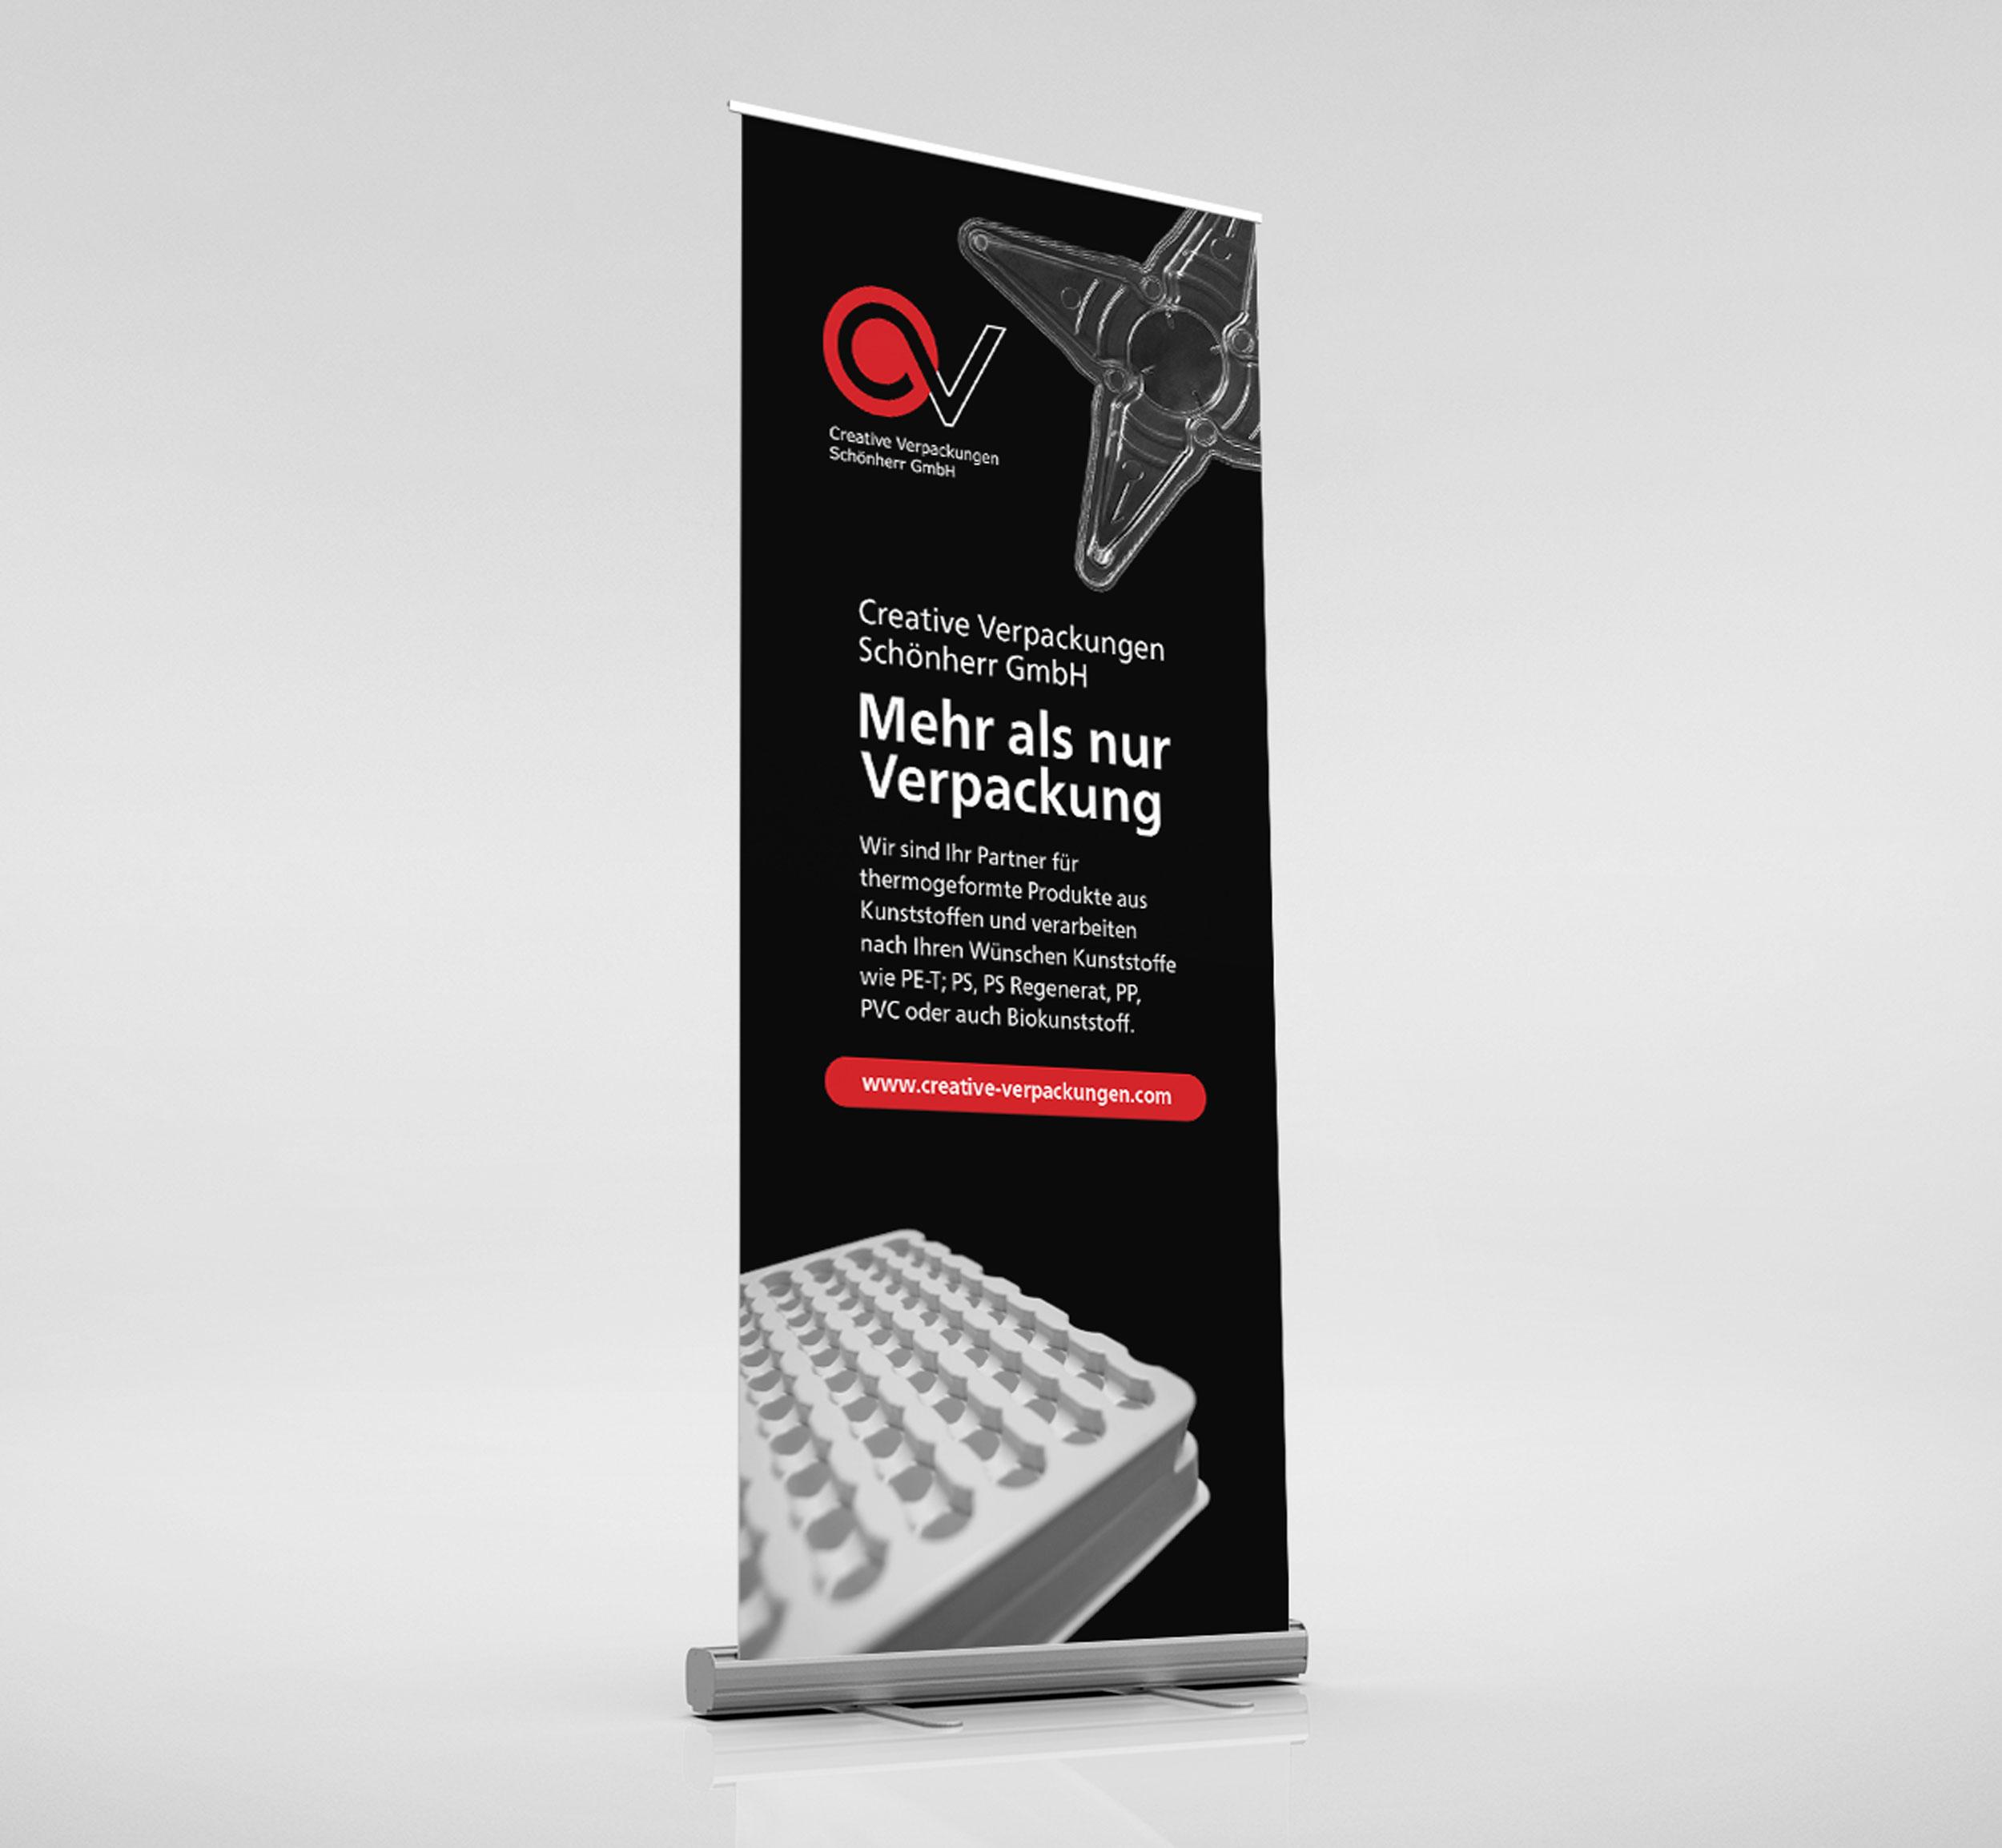 Creative Verpackungen banner by GPU Design